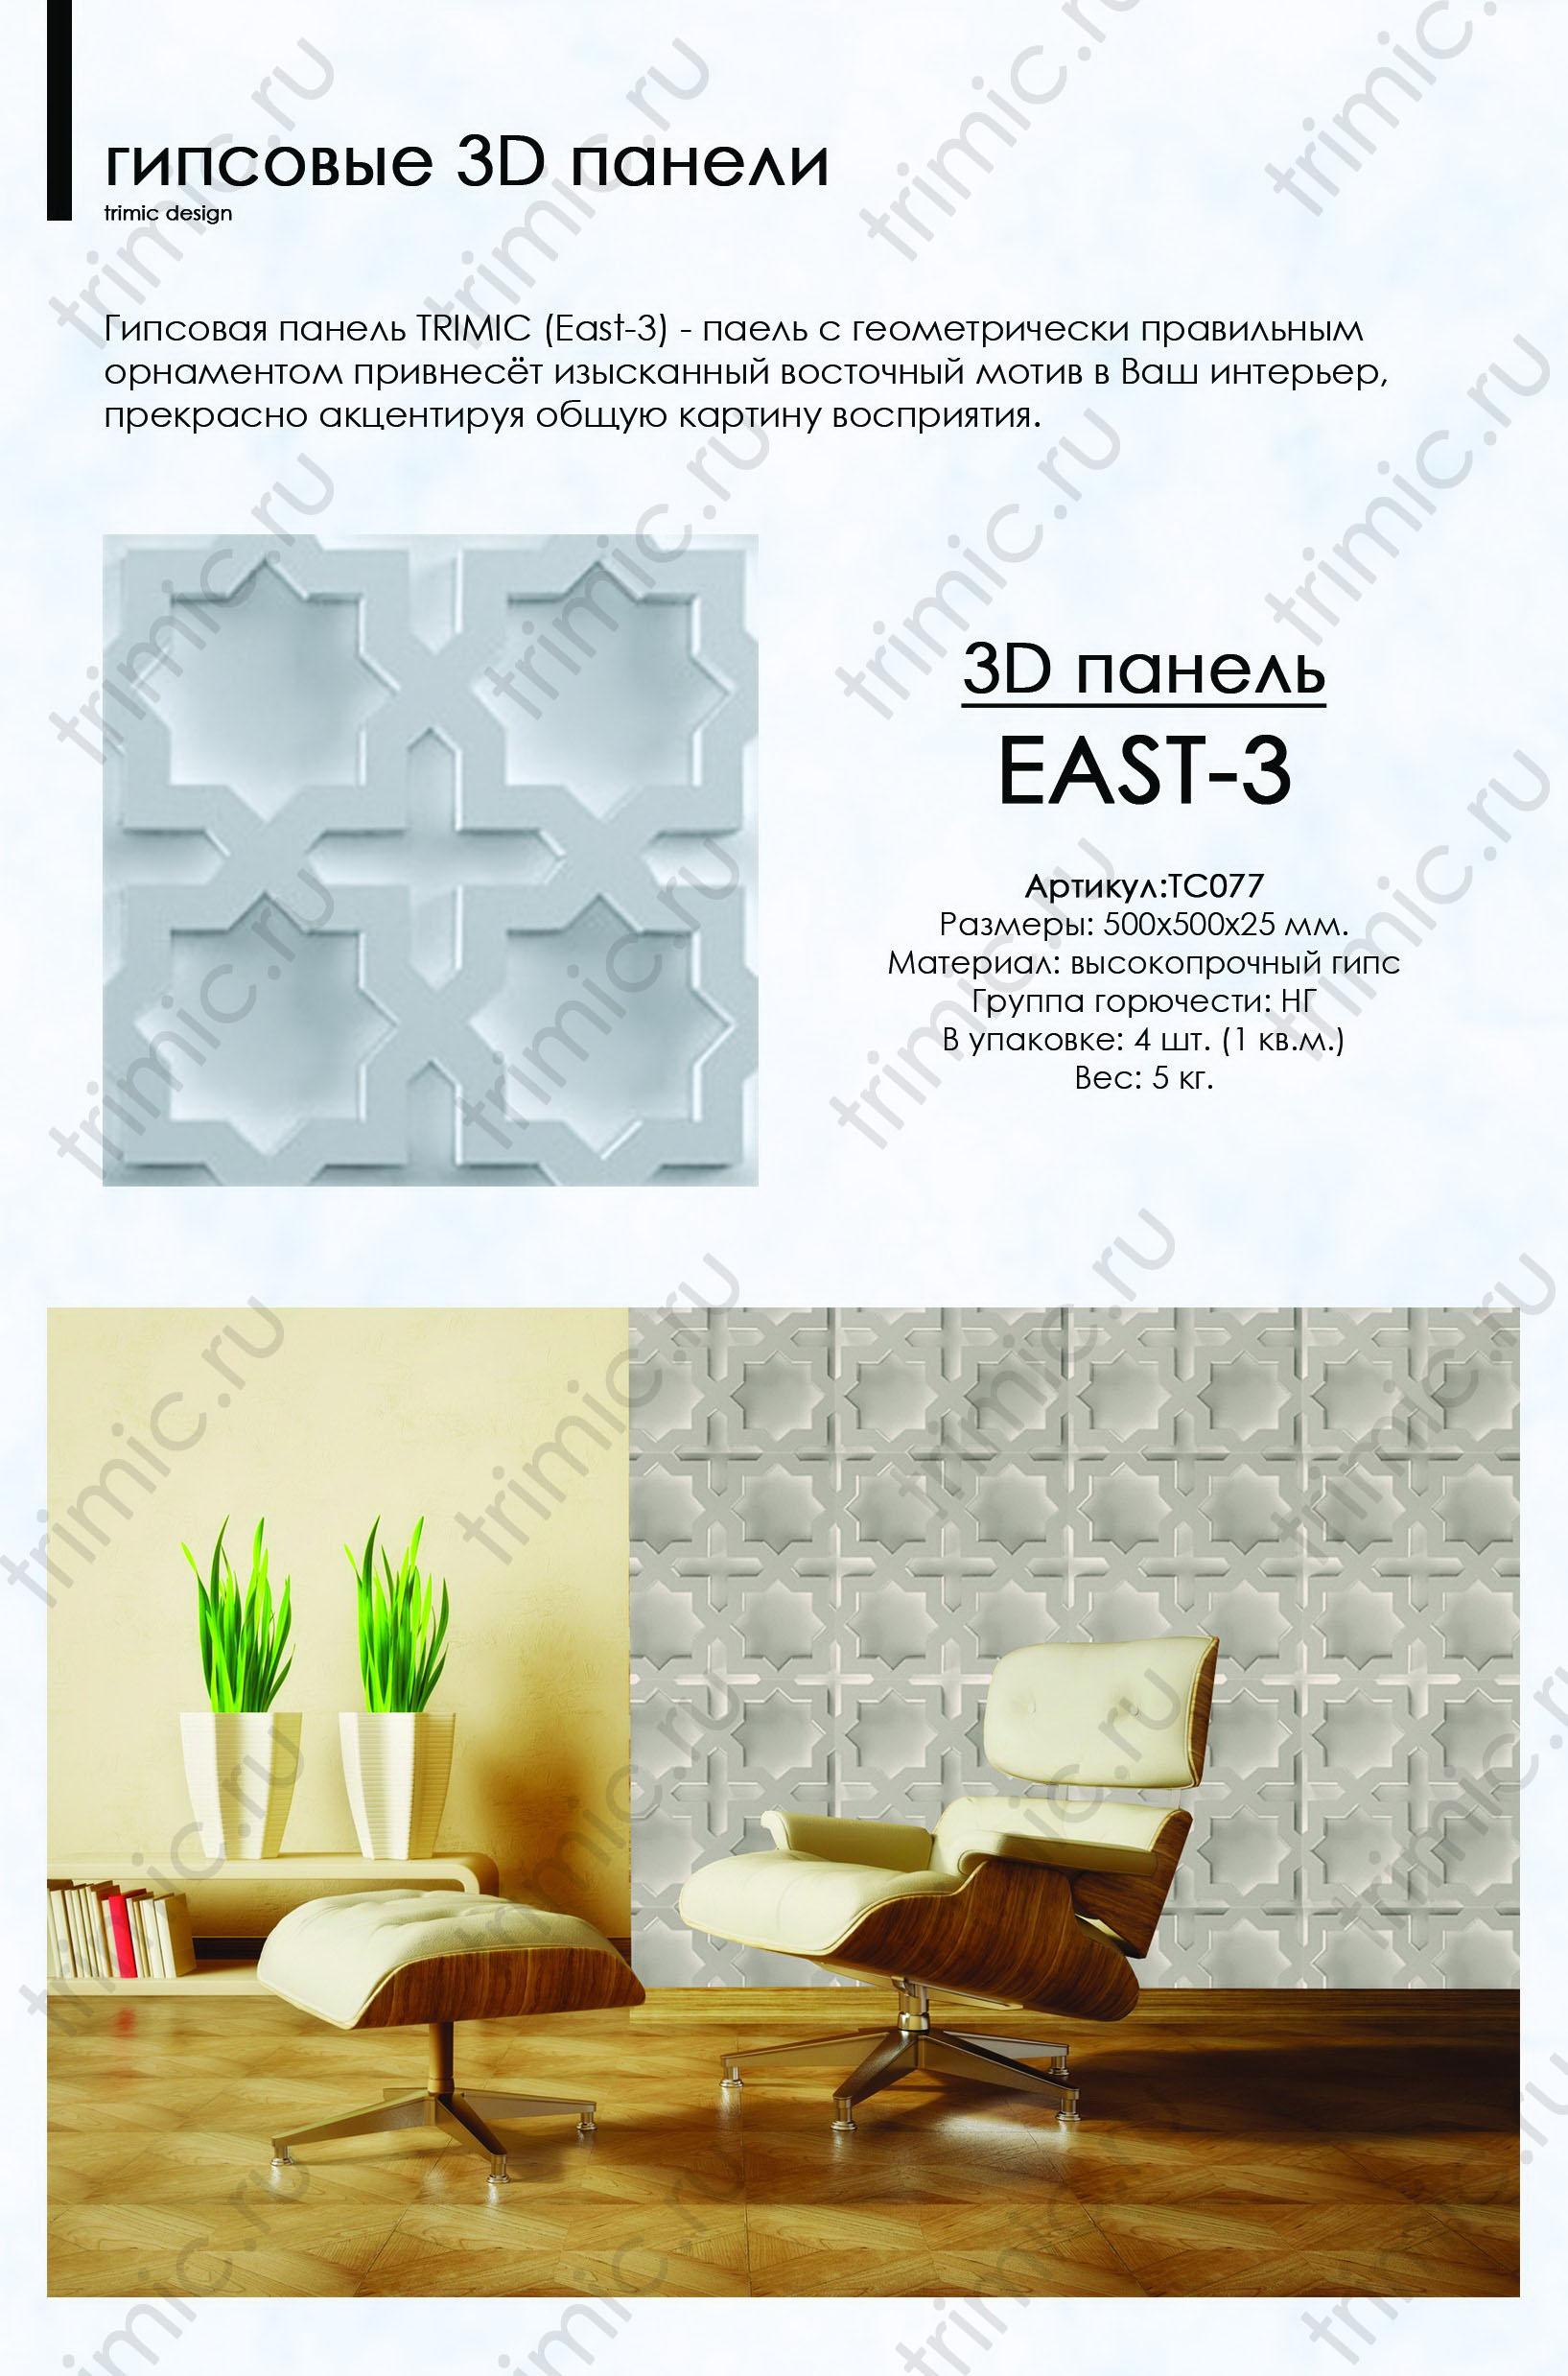 """Гипсовая 3D панель""""EAST-3"""" панель с геометрически правильным орнаментом"""